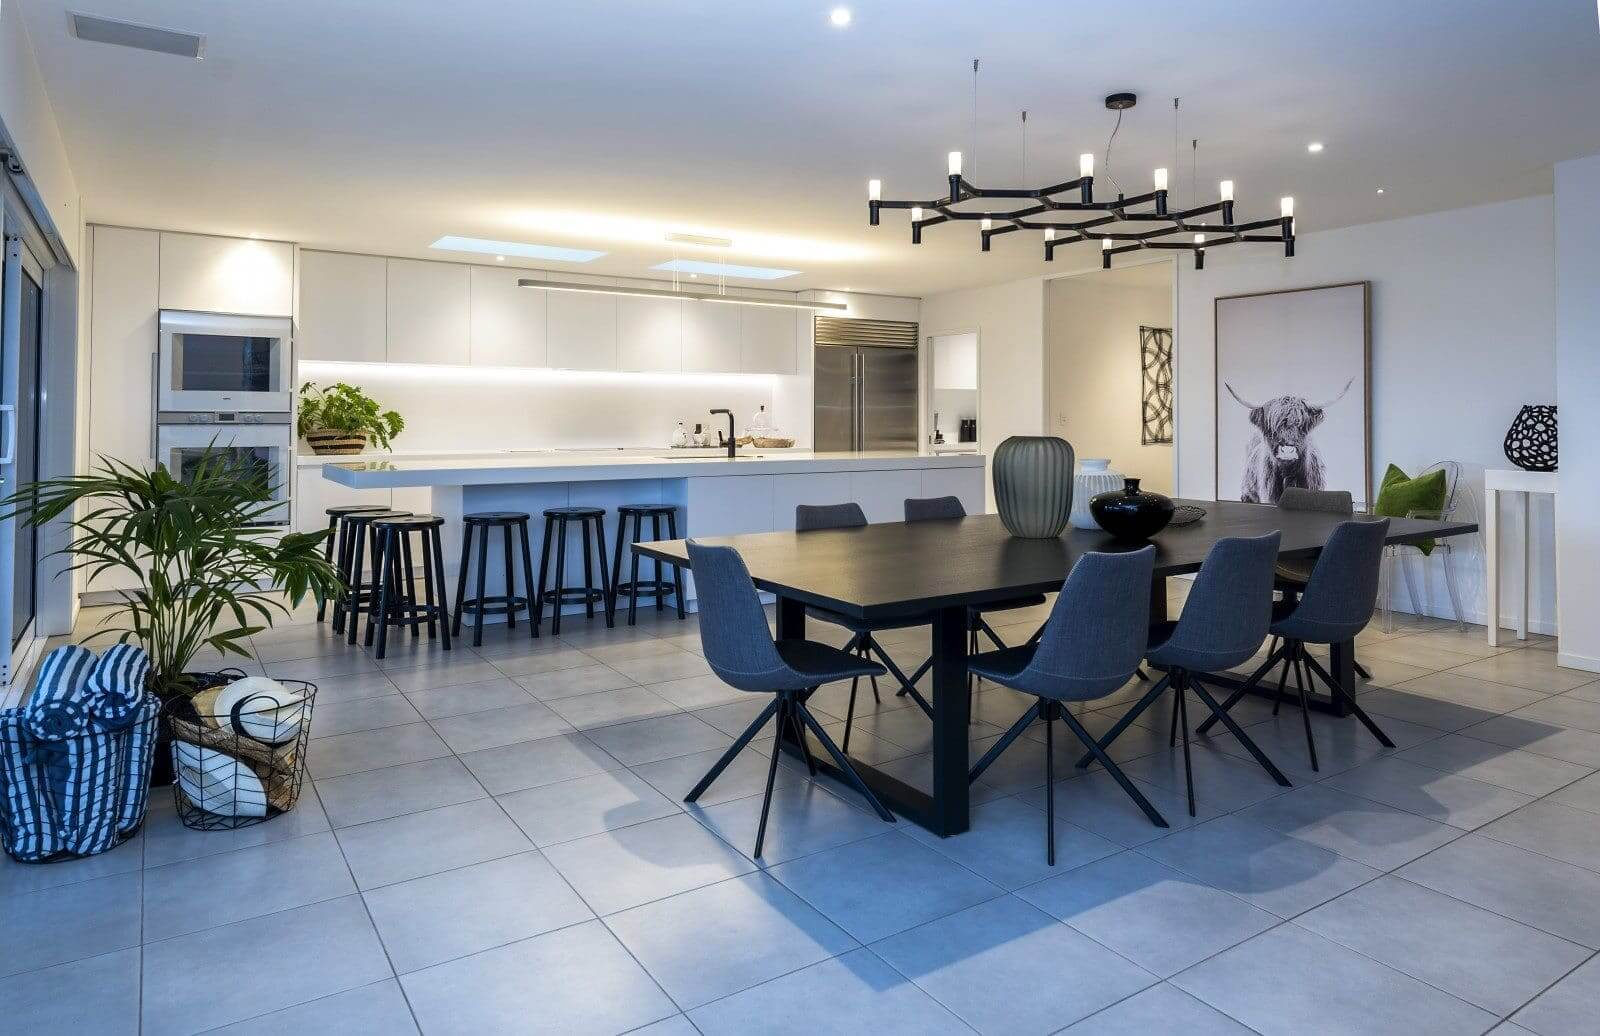 Дизайн кухни столовой в стиле минимализм